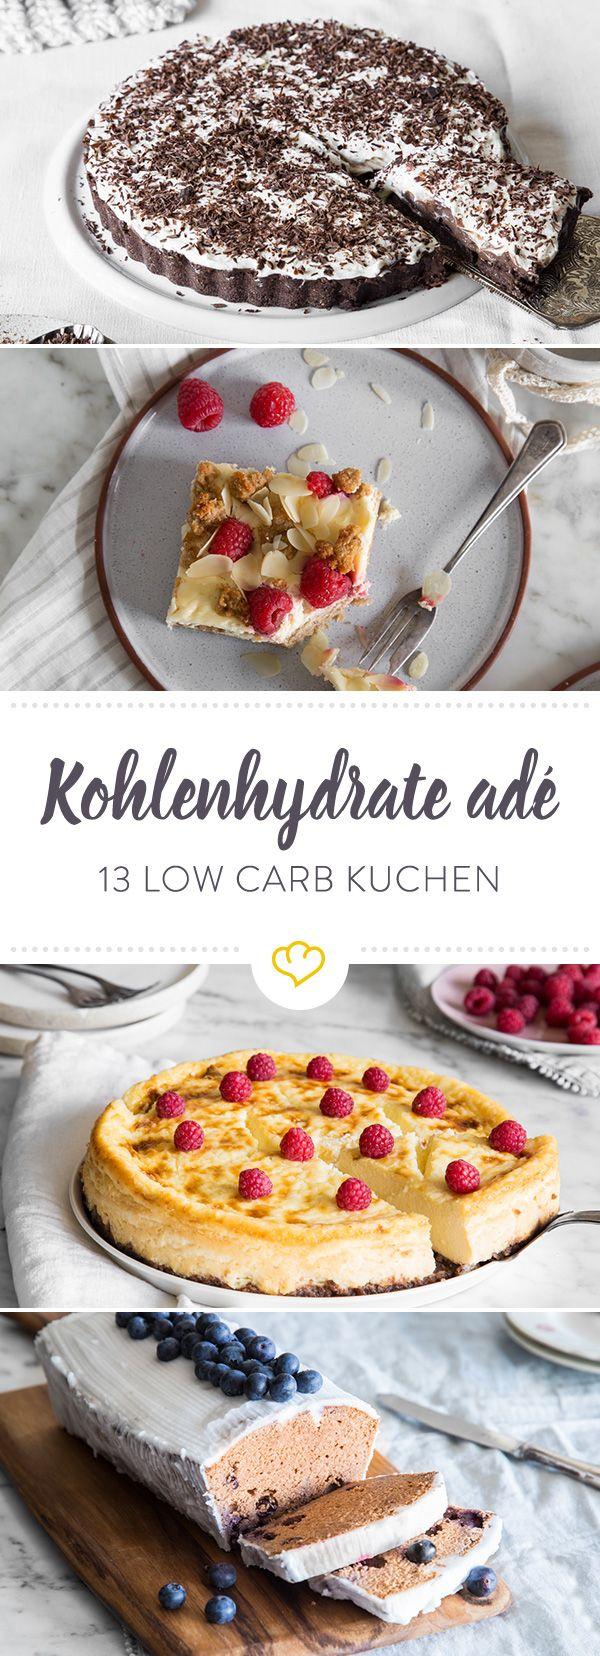 Low Carb Kuchen - 13 Ideen für Kuchen ohne Kohlenhydrate #cheesecakes